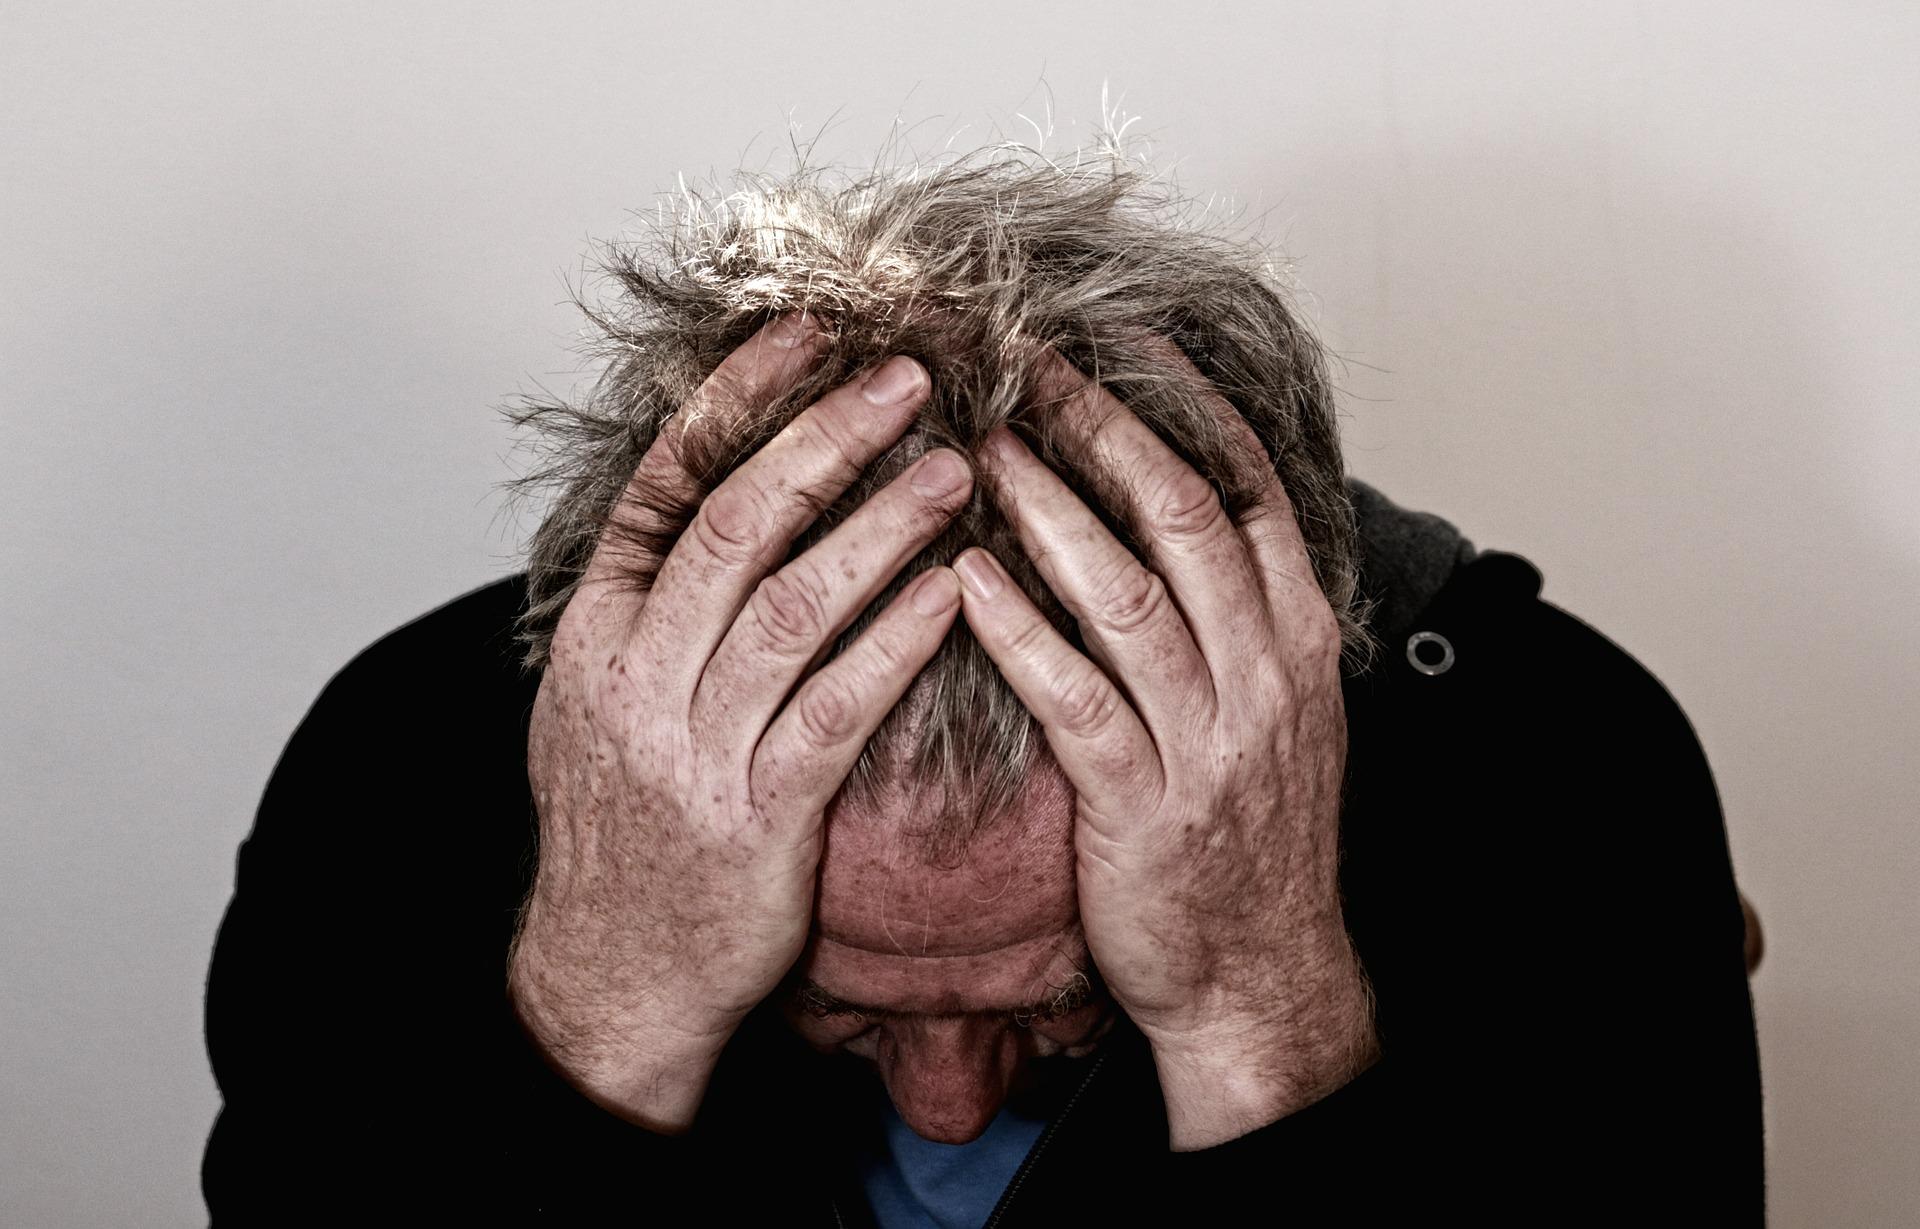 Agression au travail, peut-on les prévenir et comment agir?